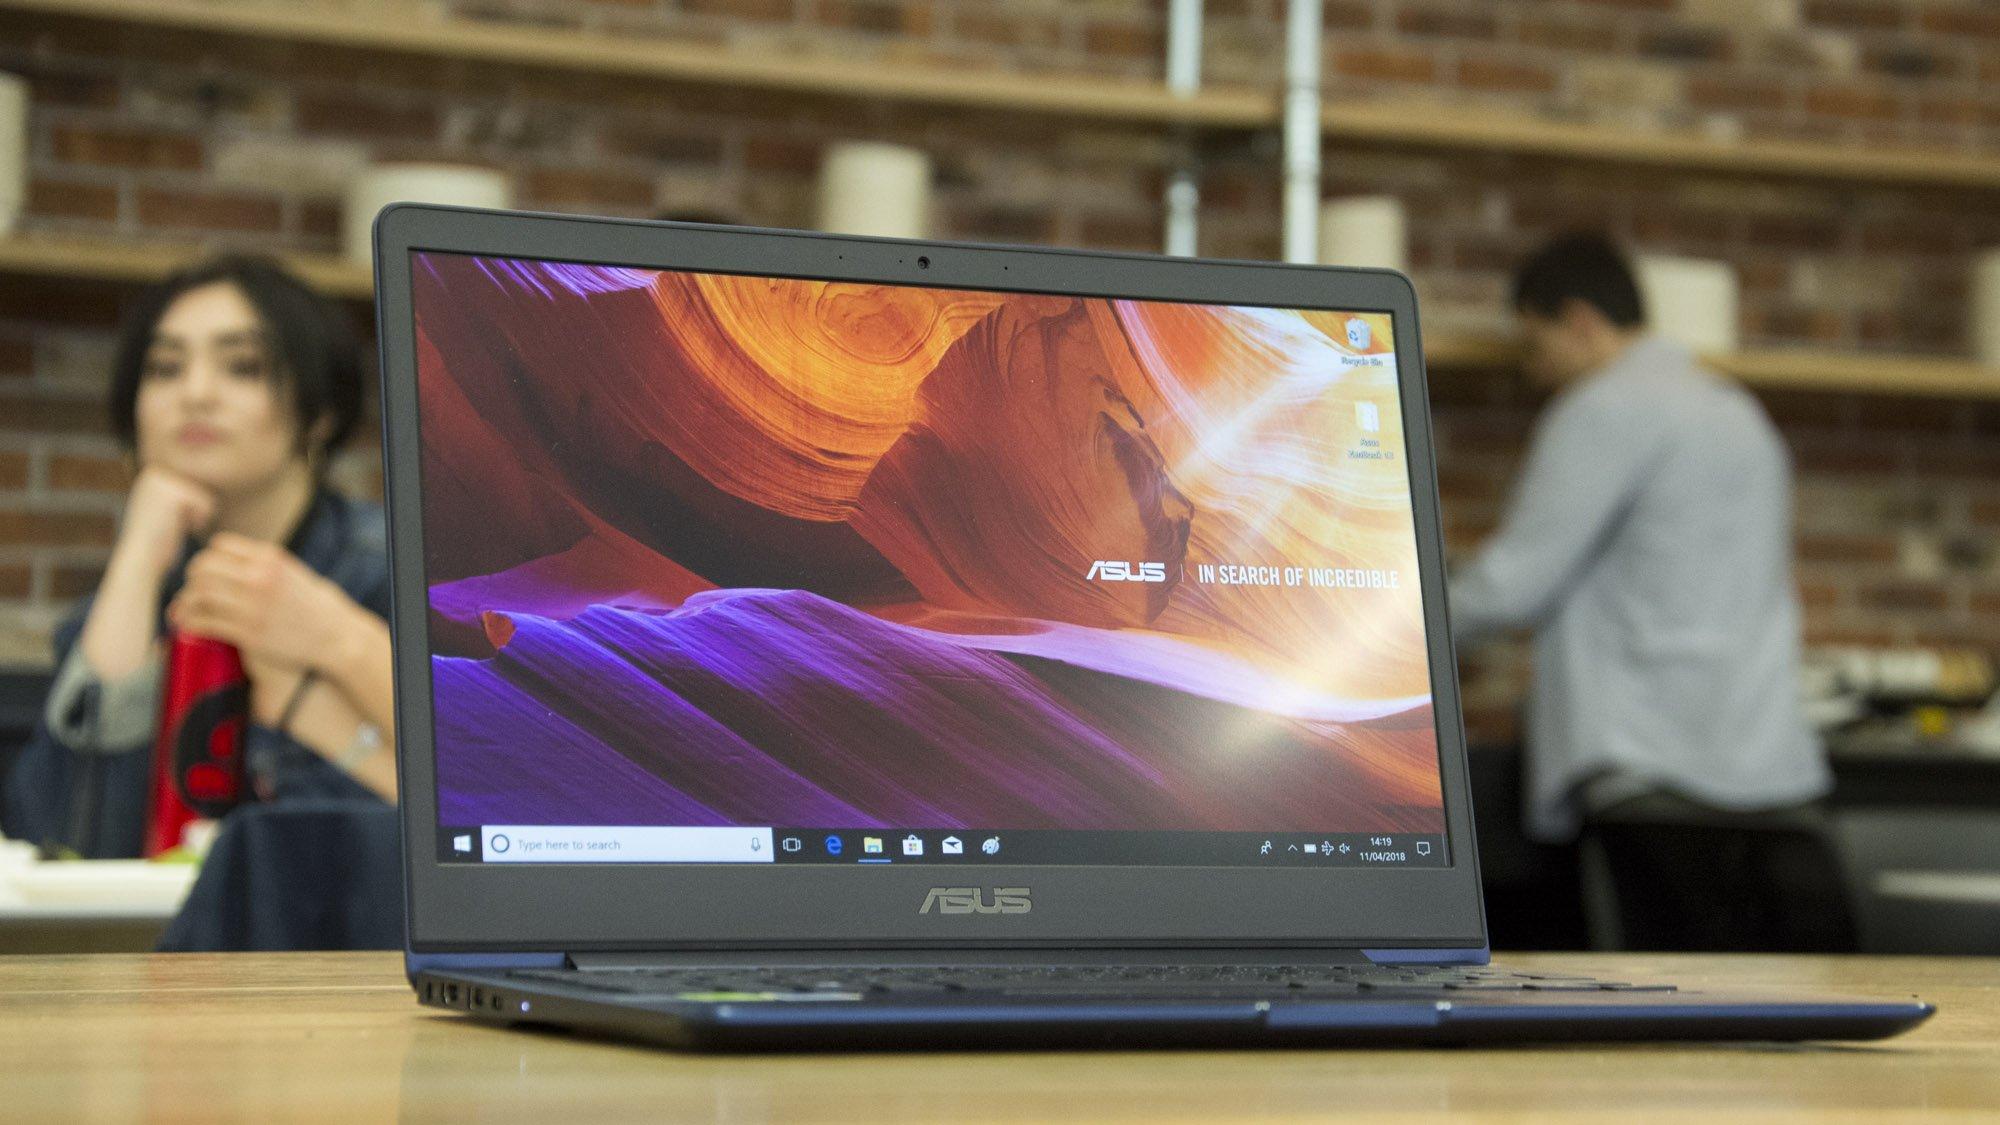 asus zenbook 13 ultra-slim laptop reviews